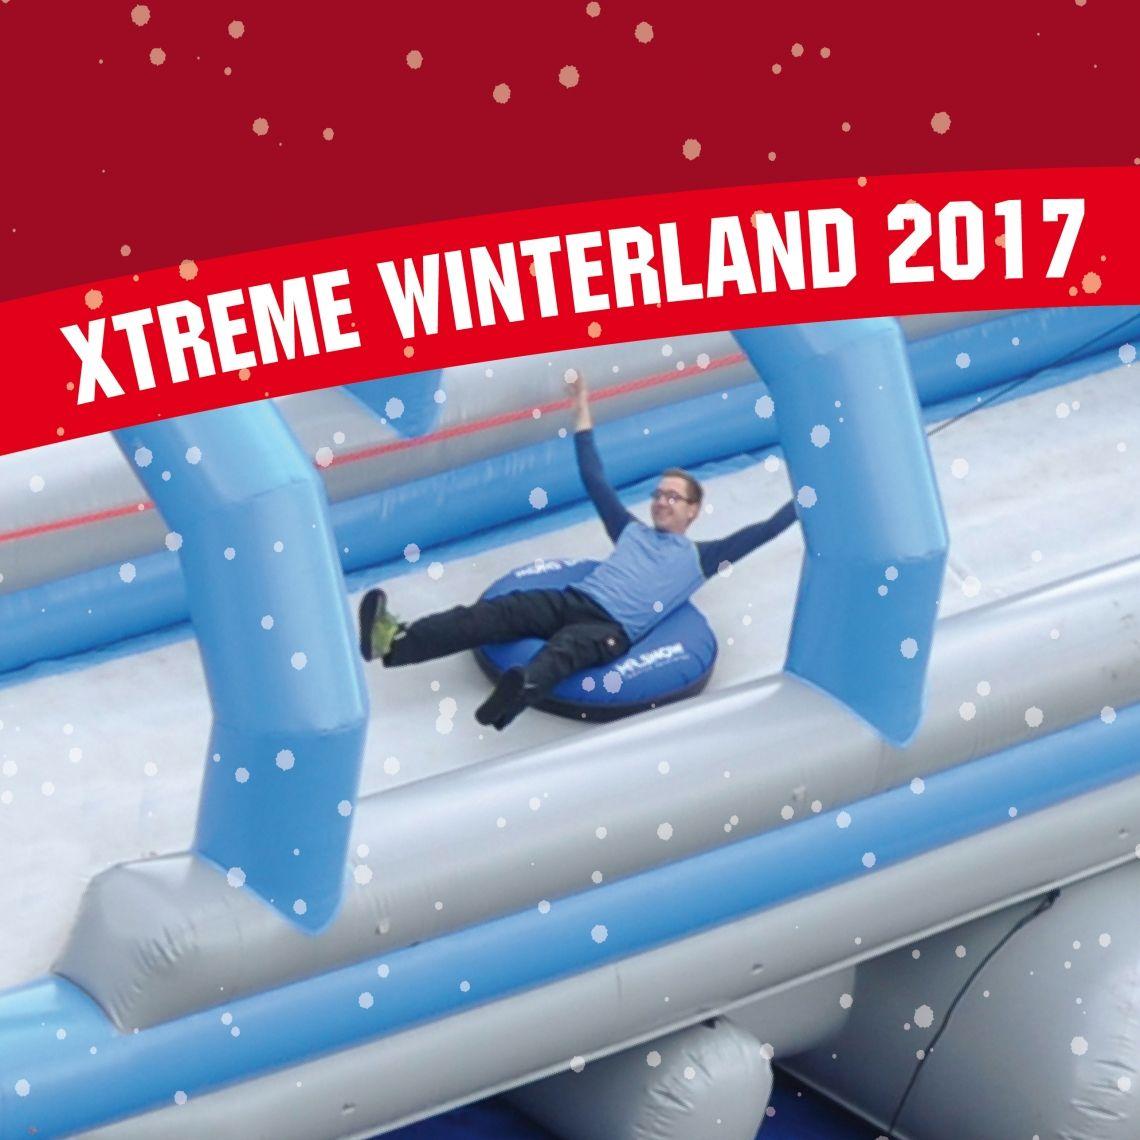 Pünktlich zum Frühlingsanfang ins Xtreme-Winterland